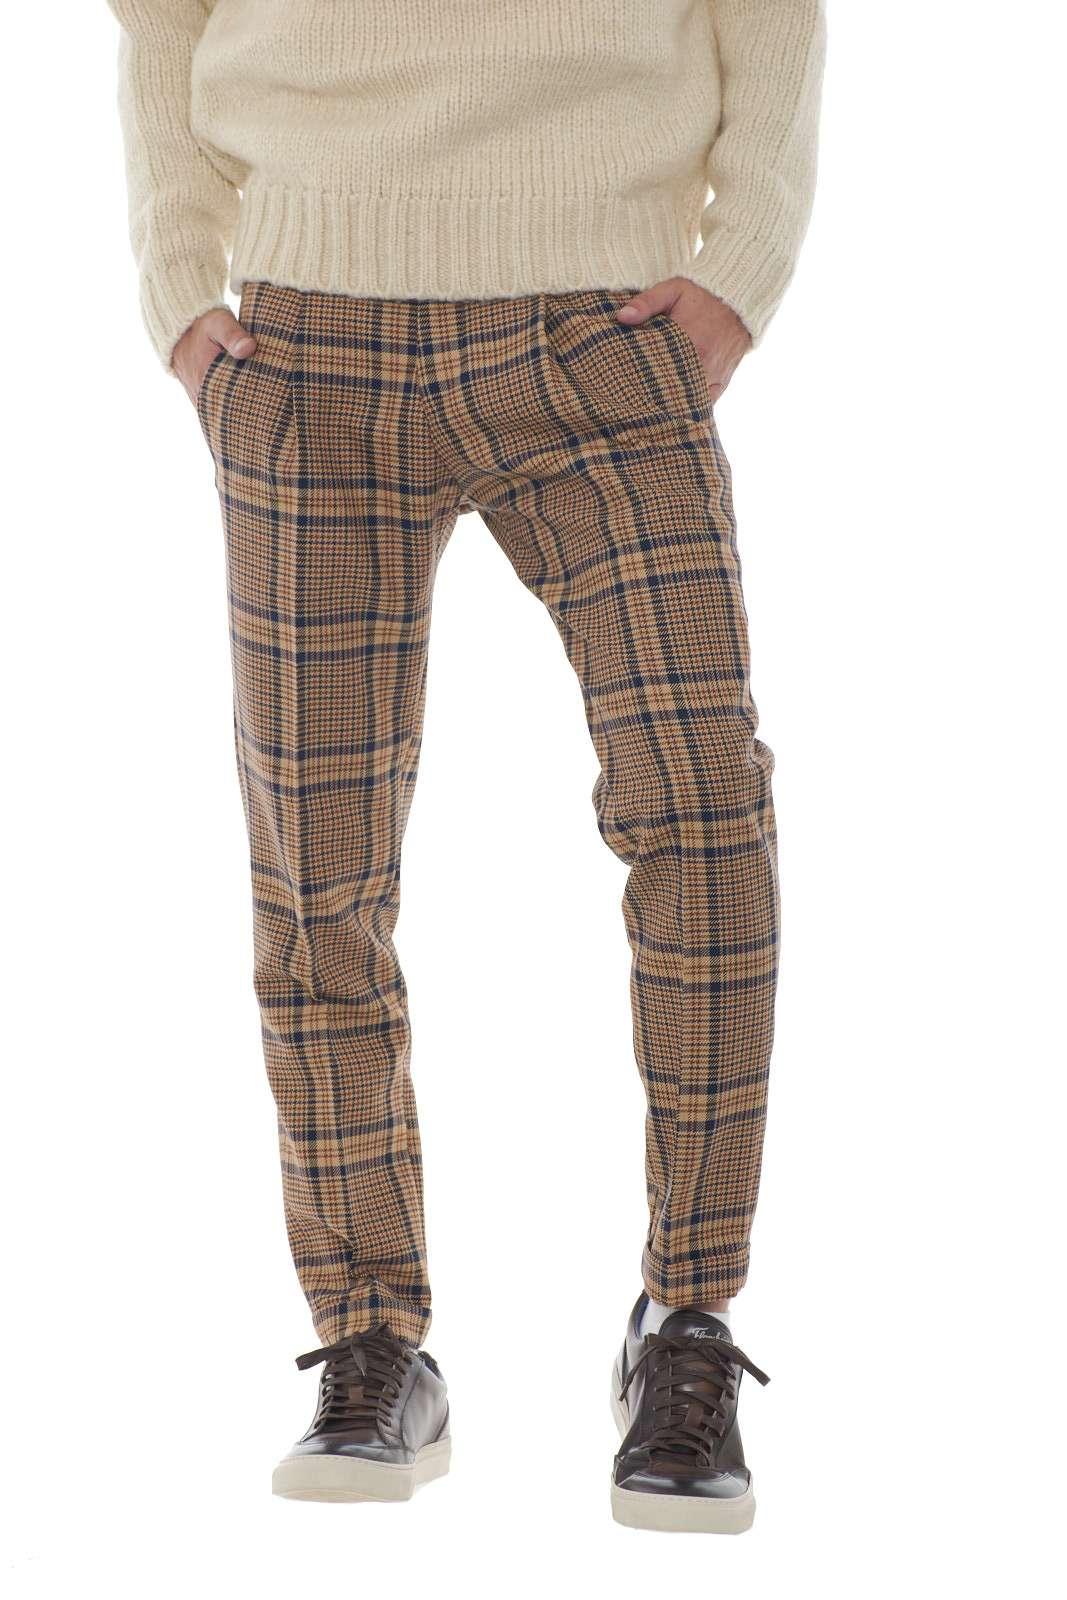 Un look dal carattere fashion per il nuovo pantalone dal taglio capri firmato Michael Coal. Le pinces sul davanti movimentano la linea per un effetto glamour. Impreziosito dalla fantasia principe di galles conquista ogni stile. Il modello è alto 1.80m e indossa la taglia 32.